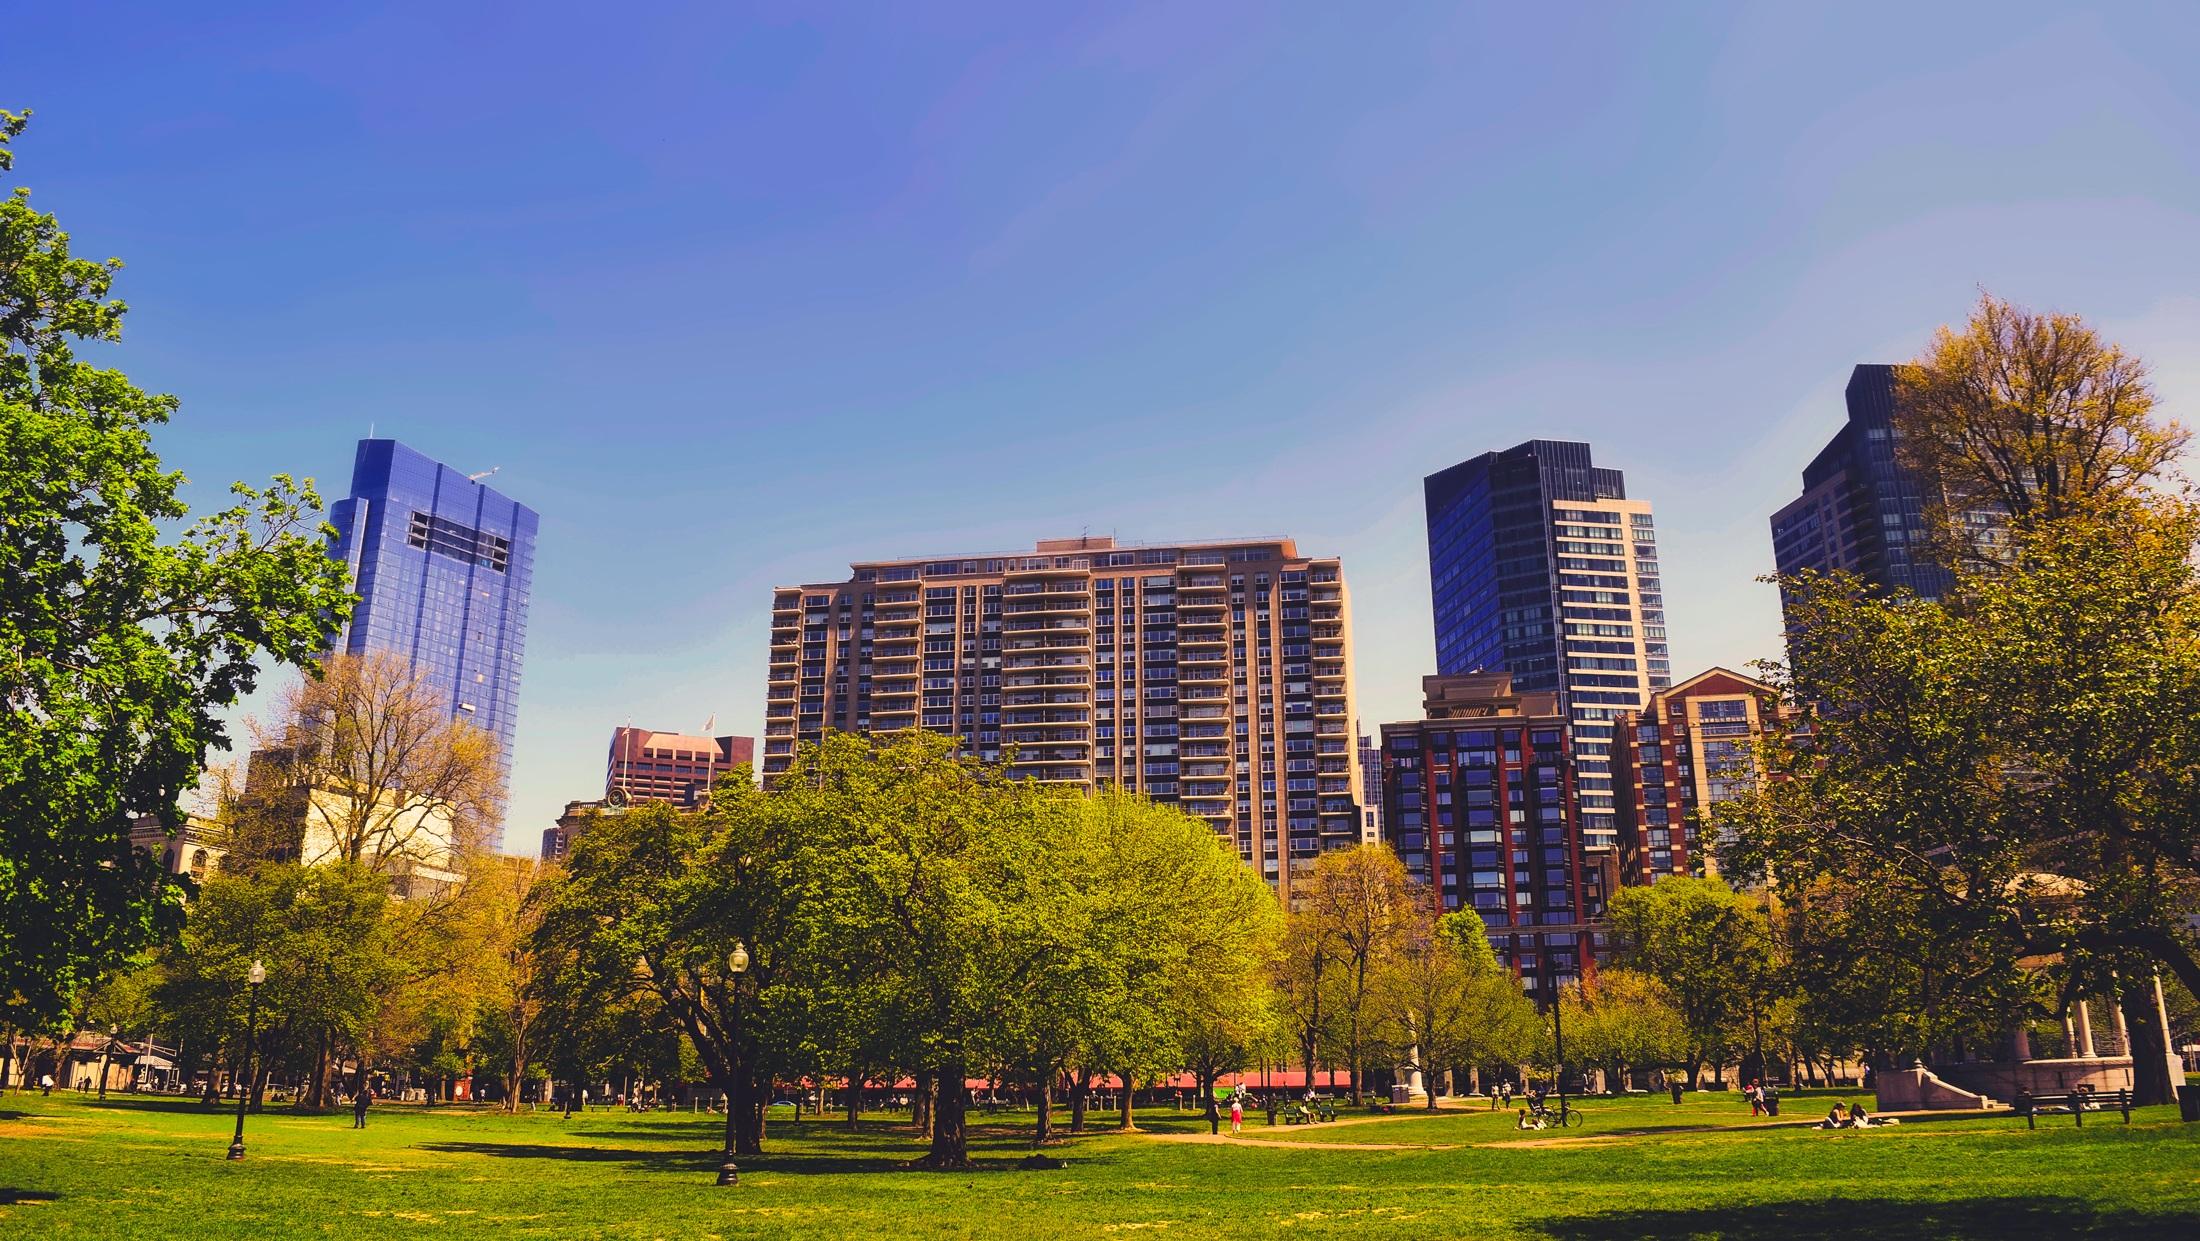 ville-durable-avec-immeubles-parc-et-verdure